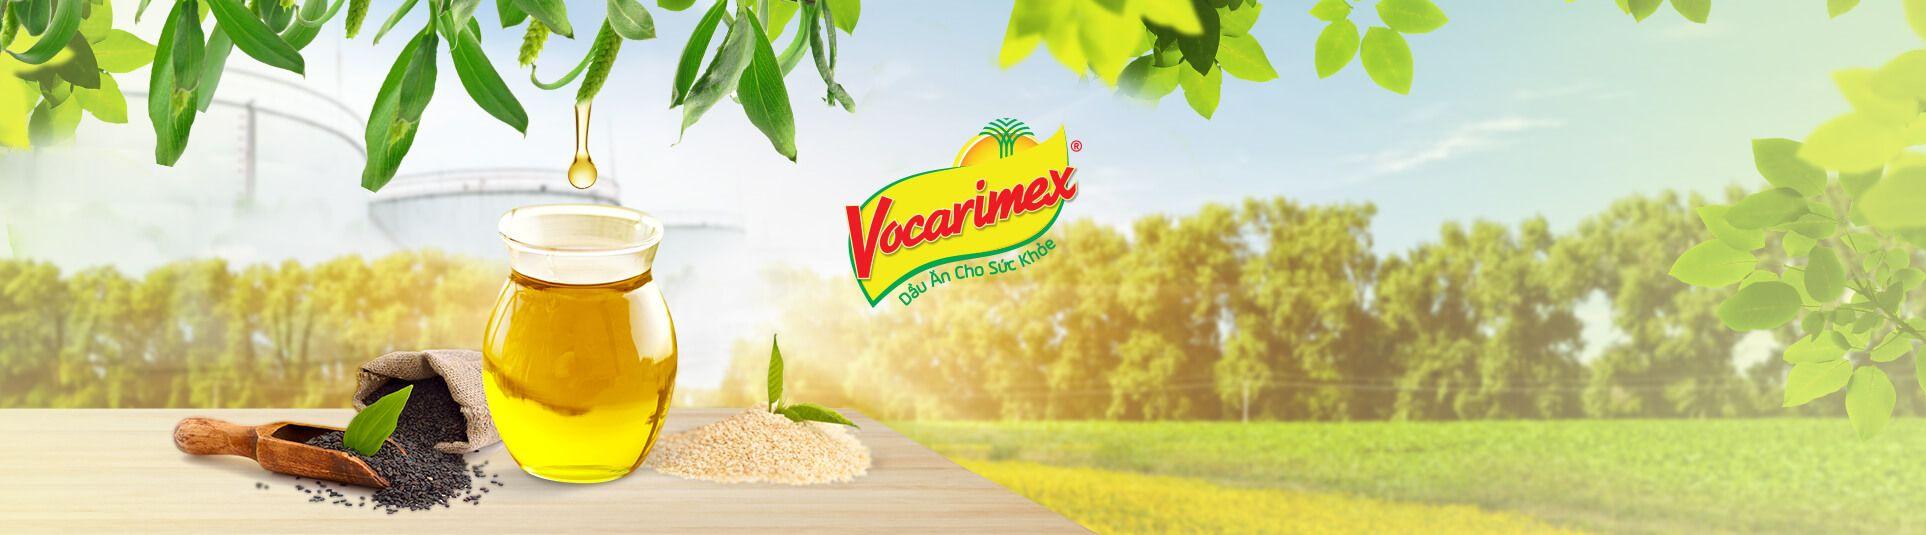 Banner Tag Vocarimex Desktop